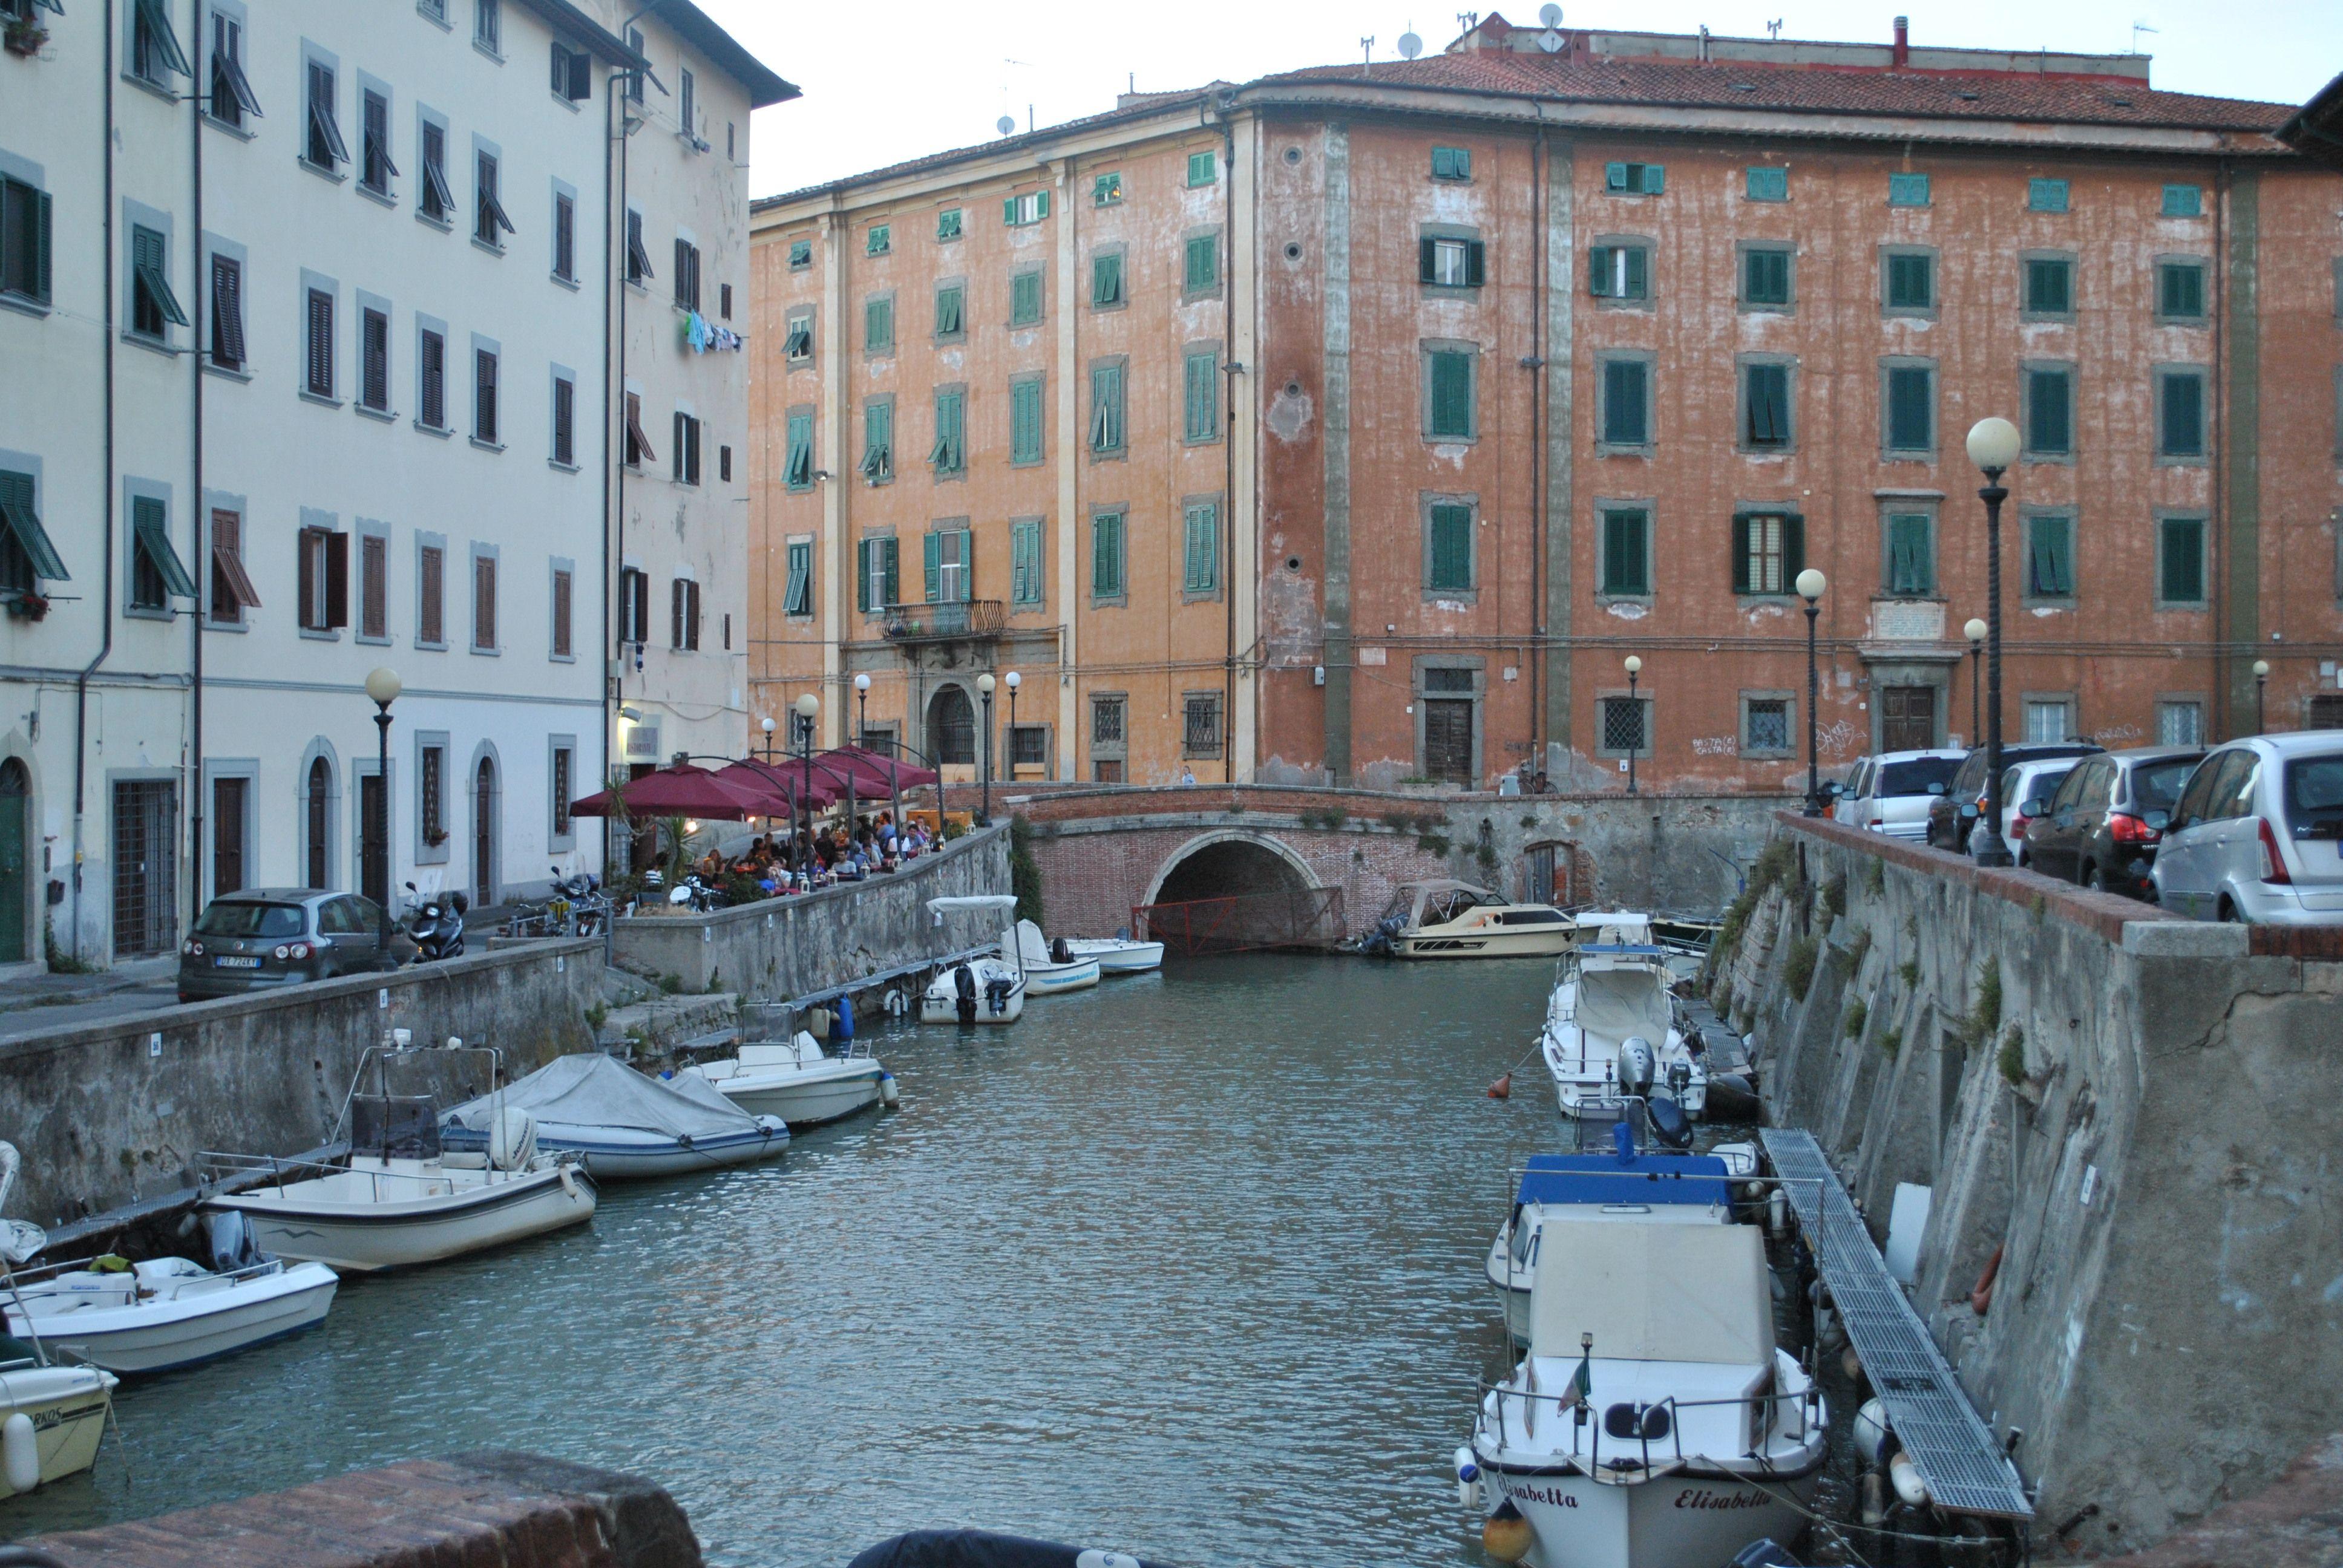 Quartiere della Venezia, the historic centre of my city. Livorno, Tuscany #Italy